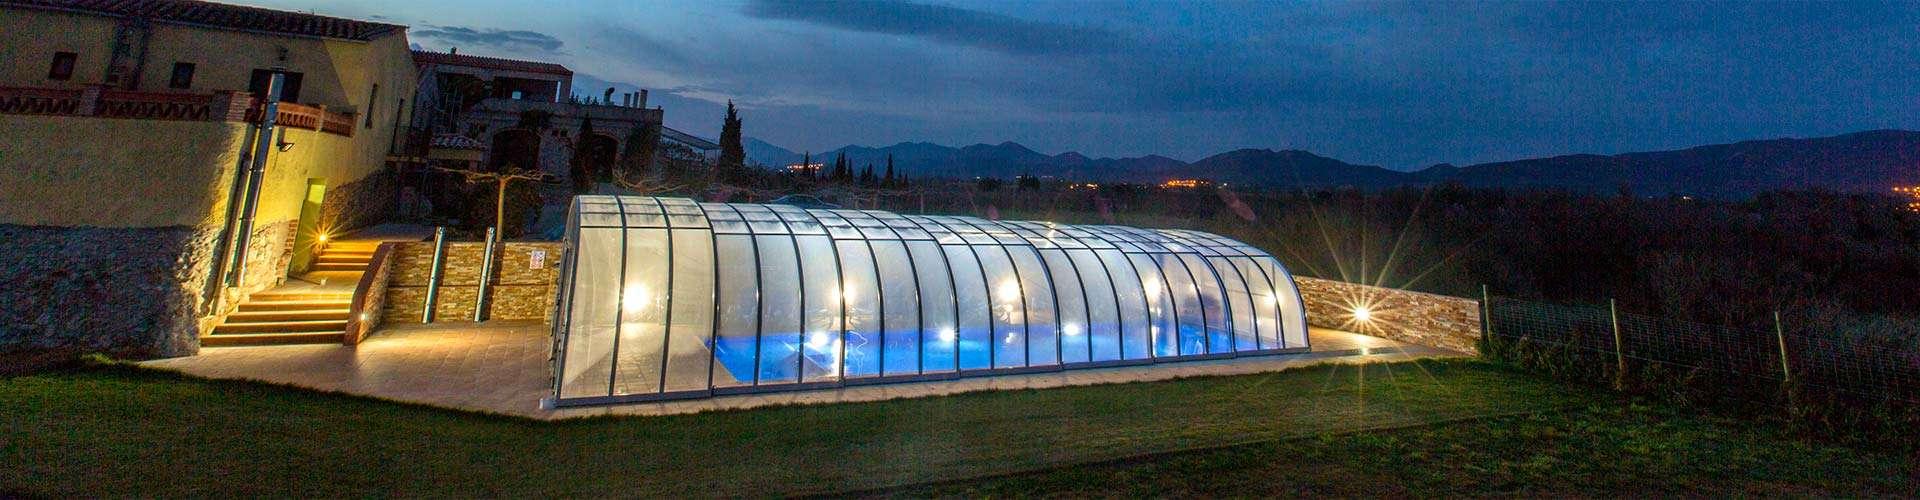 Proyecto piscina cubierta